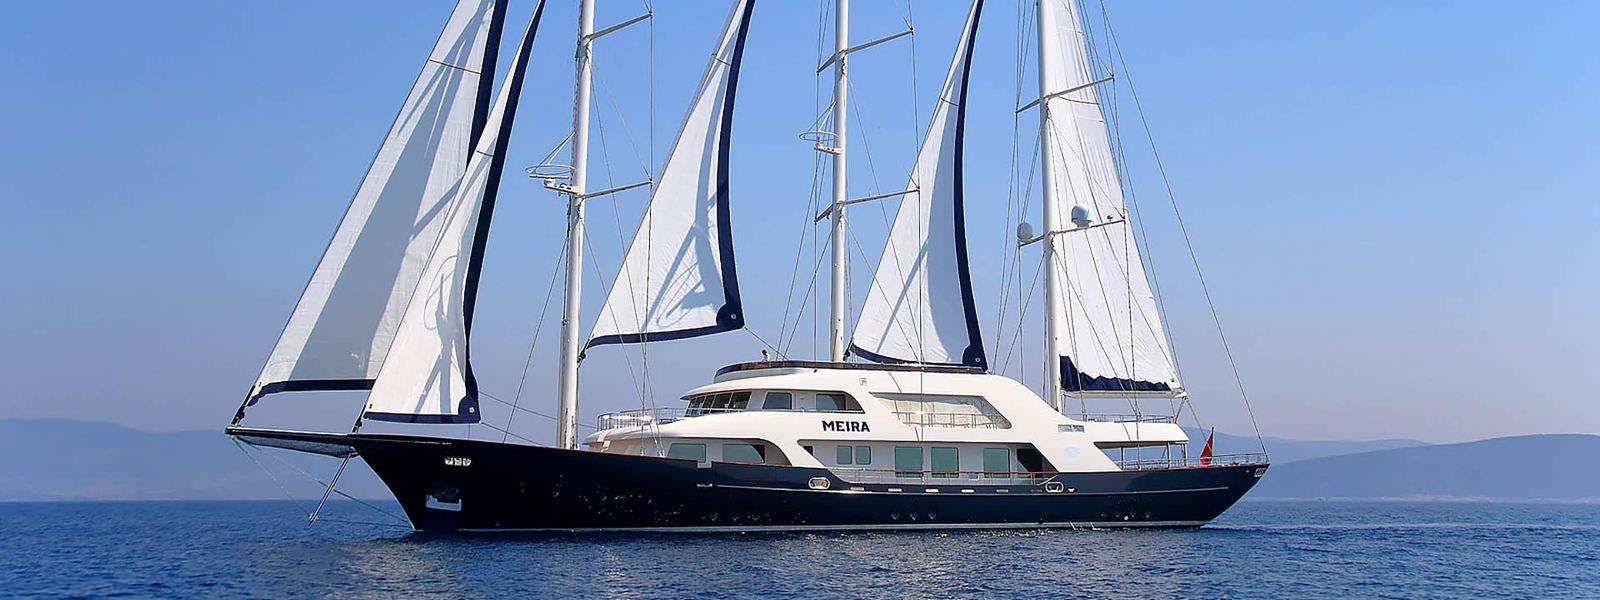 Yacht Meira